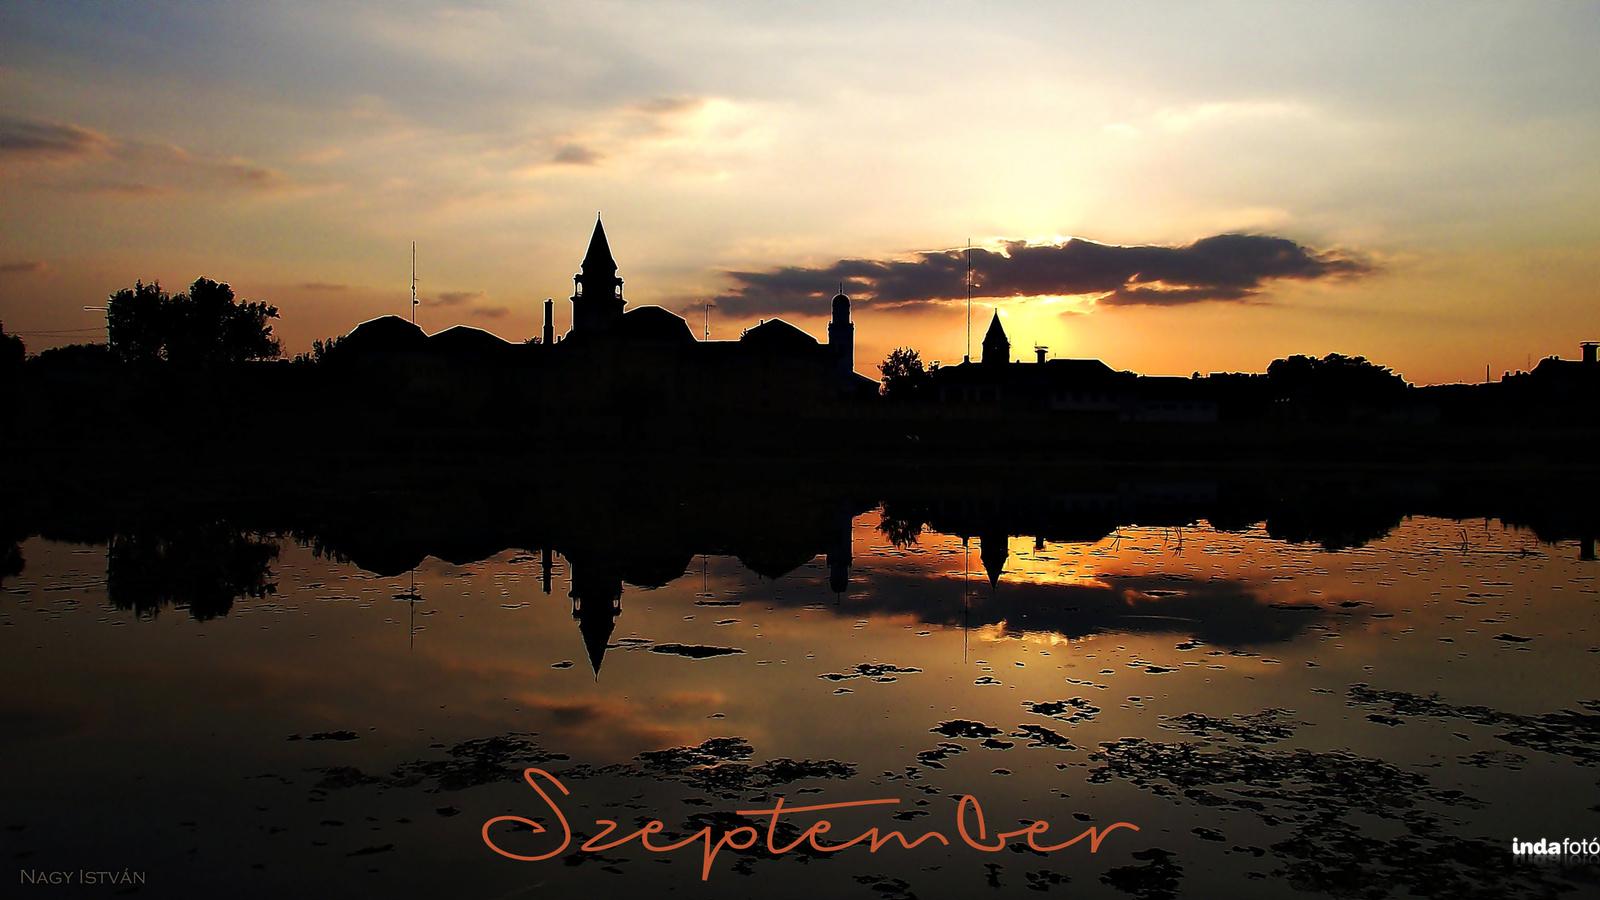 nagy istvan szeptember indafoto 2560x1440